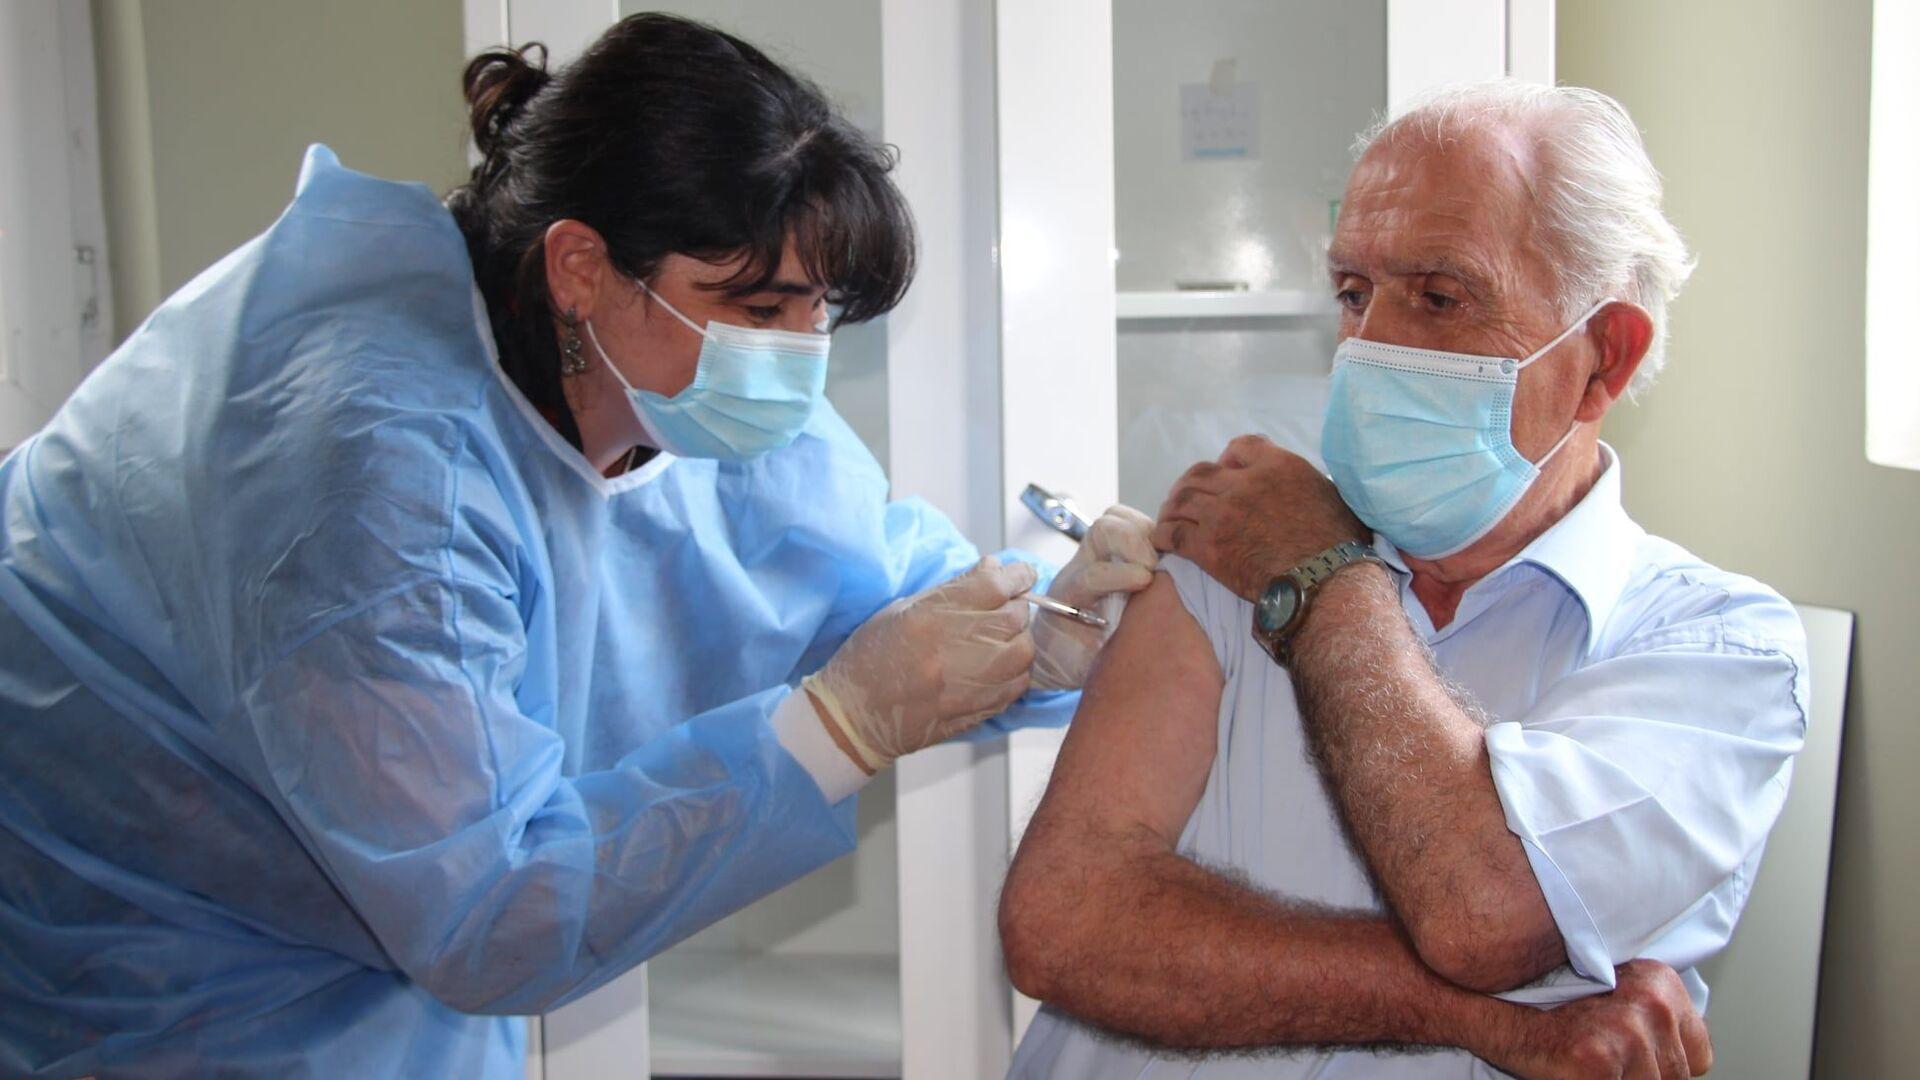 Эпидемия коронавируса - вакцинация пожилых людей и стариков в Аджарии - Sputnik Грузия, 1920, 08.10.2021